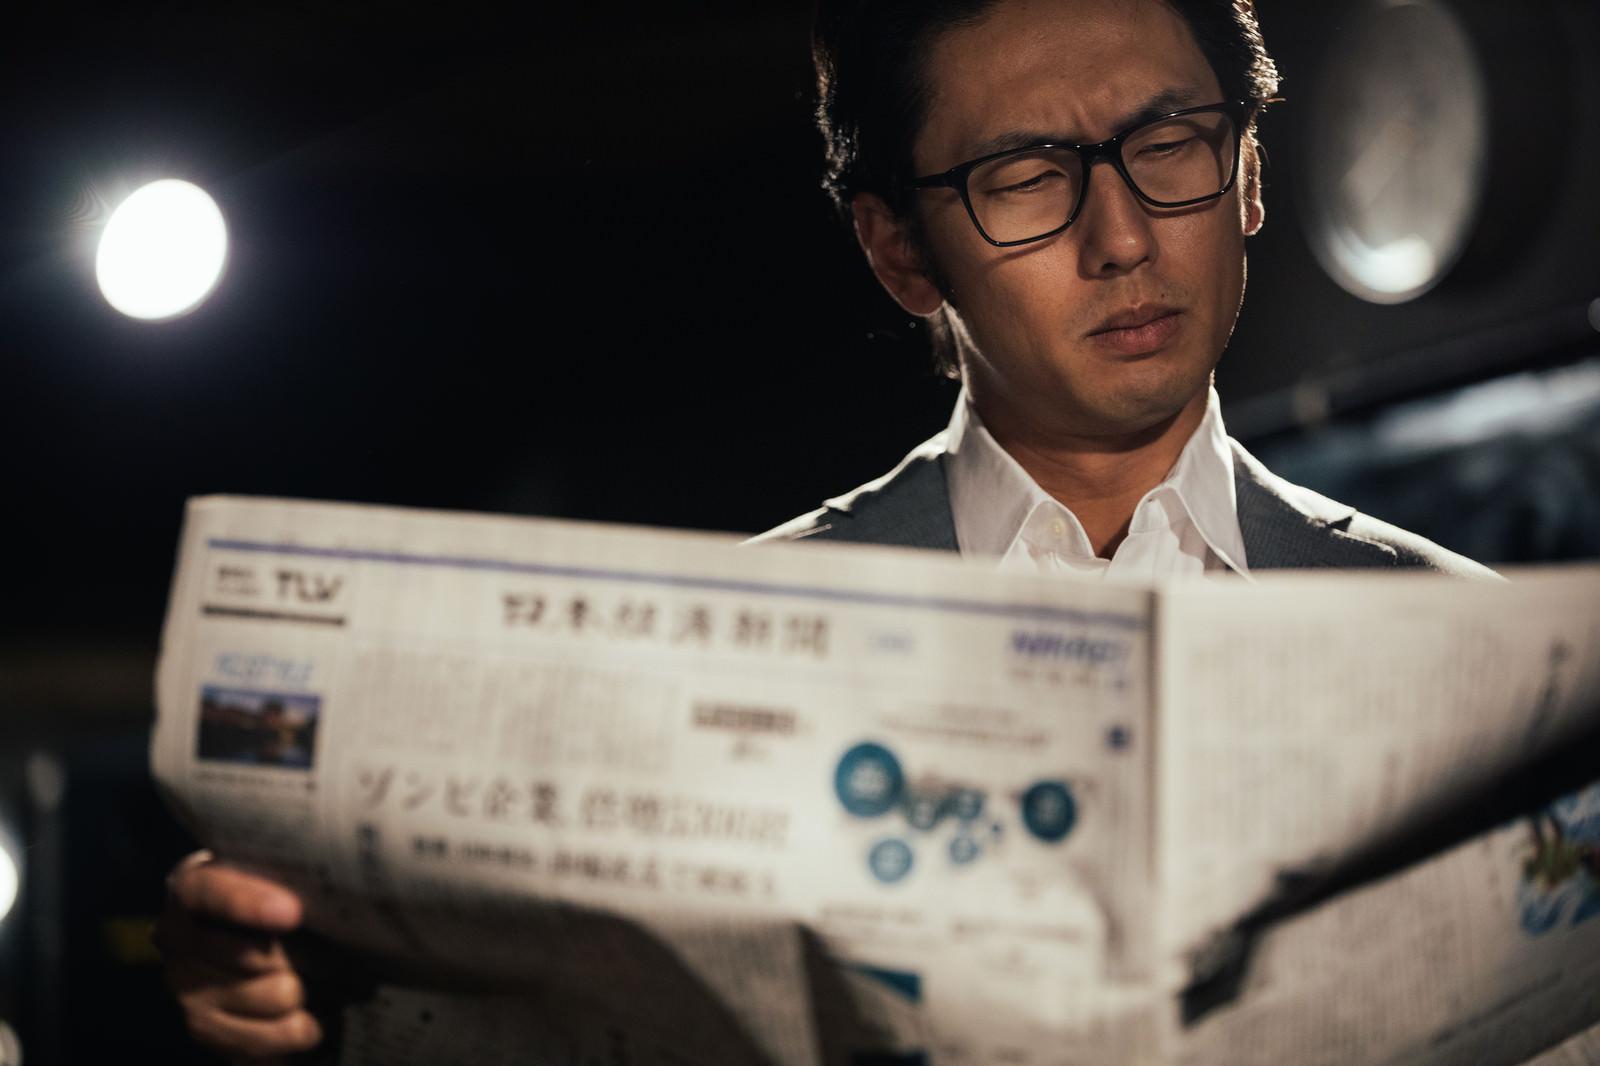 「経済新聞を広げるビジネスマン | 写真の無料素材・フリー素材 - ぱくたそ」の写真[モデル:大川竜弥]